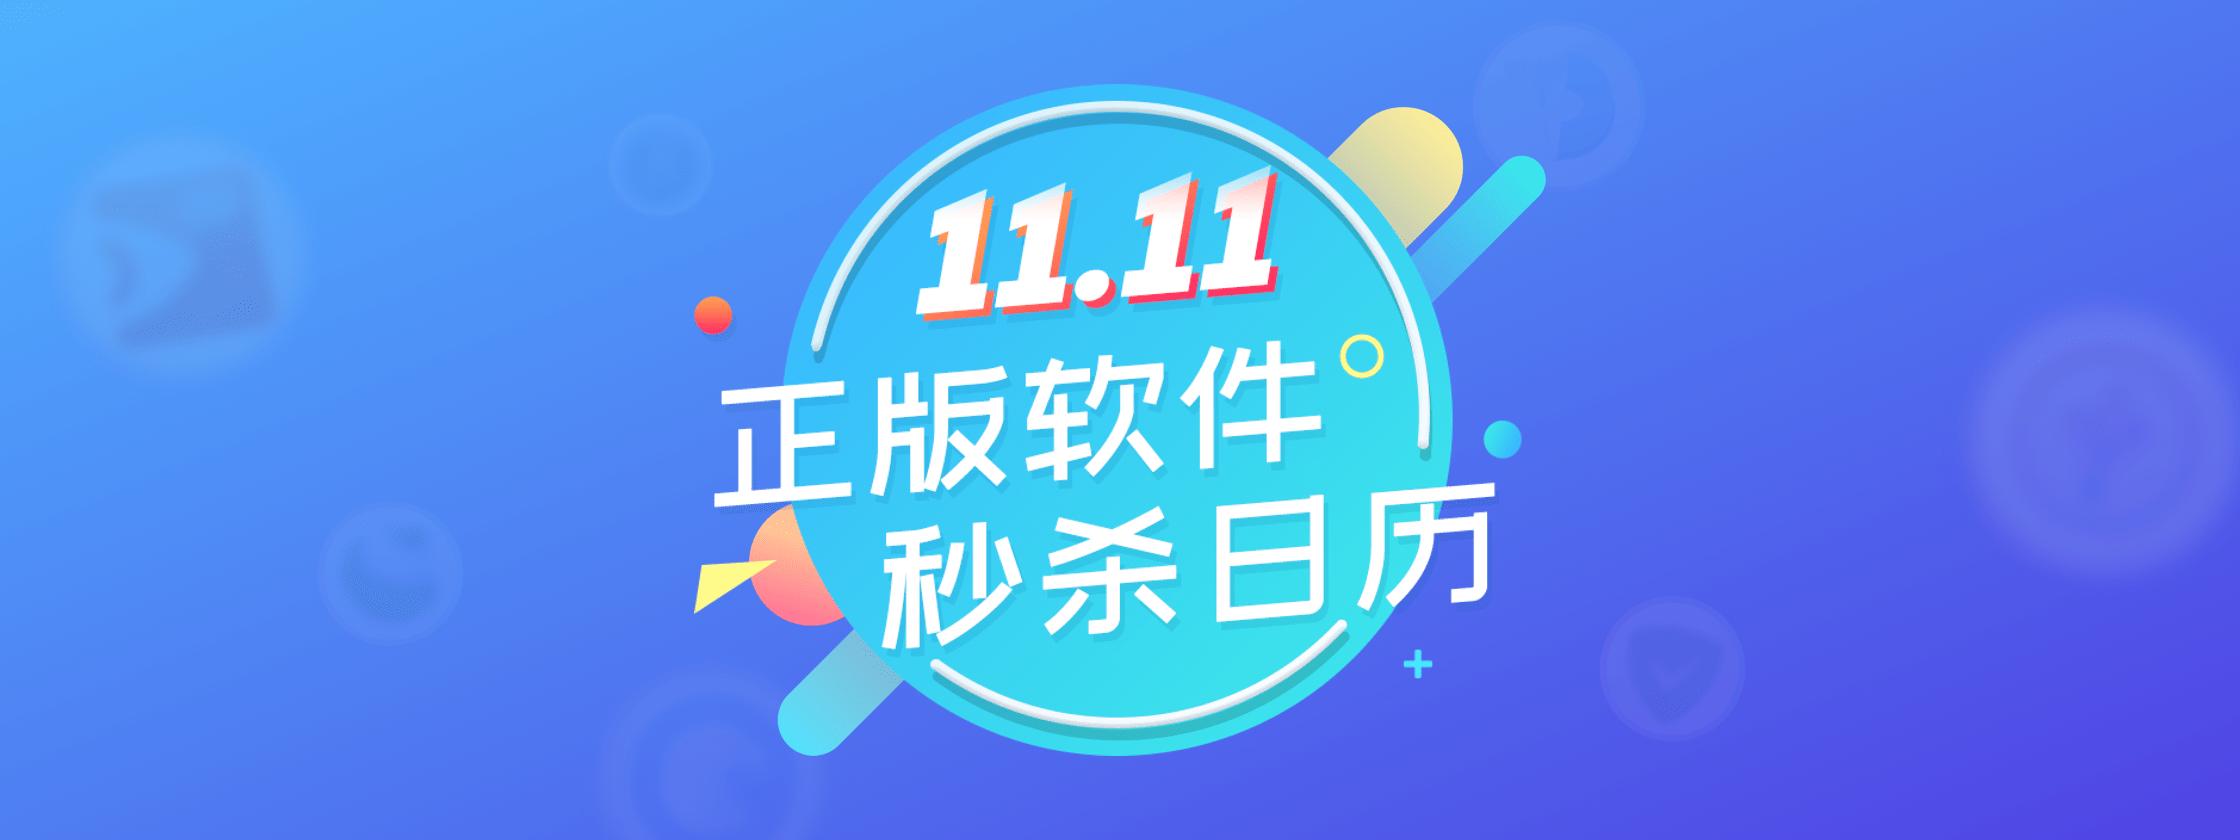 """给""""荔""""双十一:最低 1.11 元,秒杀软件全公开,定好闹钟!"""